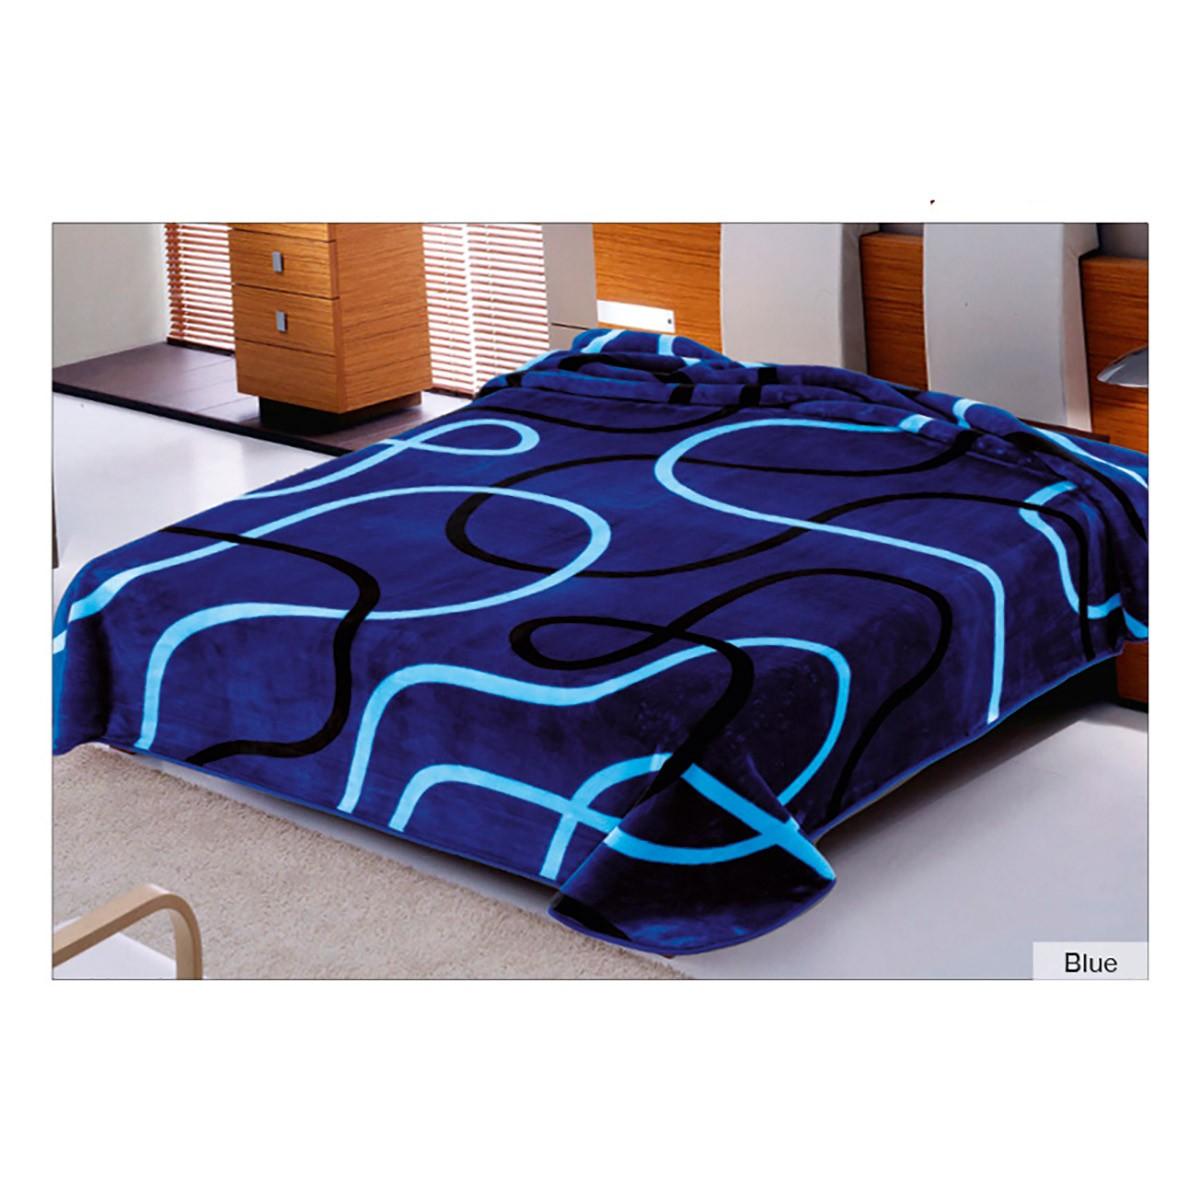 Κουβέρτα Βελουτέ Υπέρδιπλη Belpla Ster 241 Blue